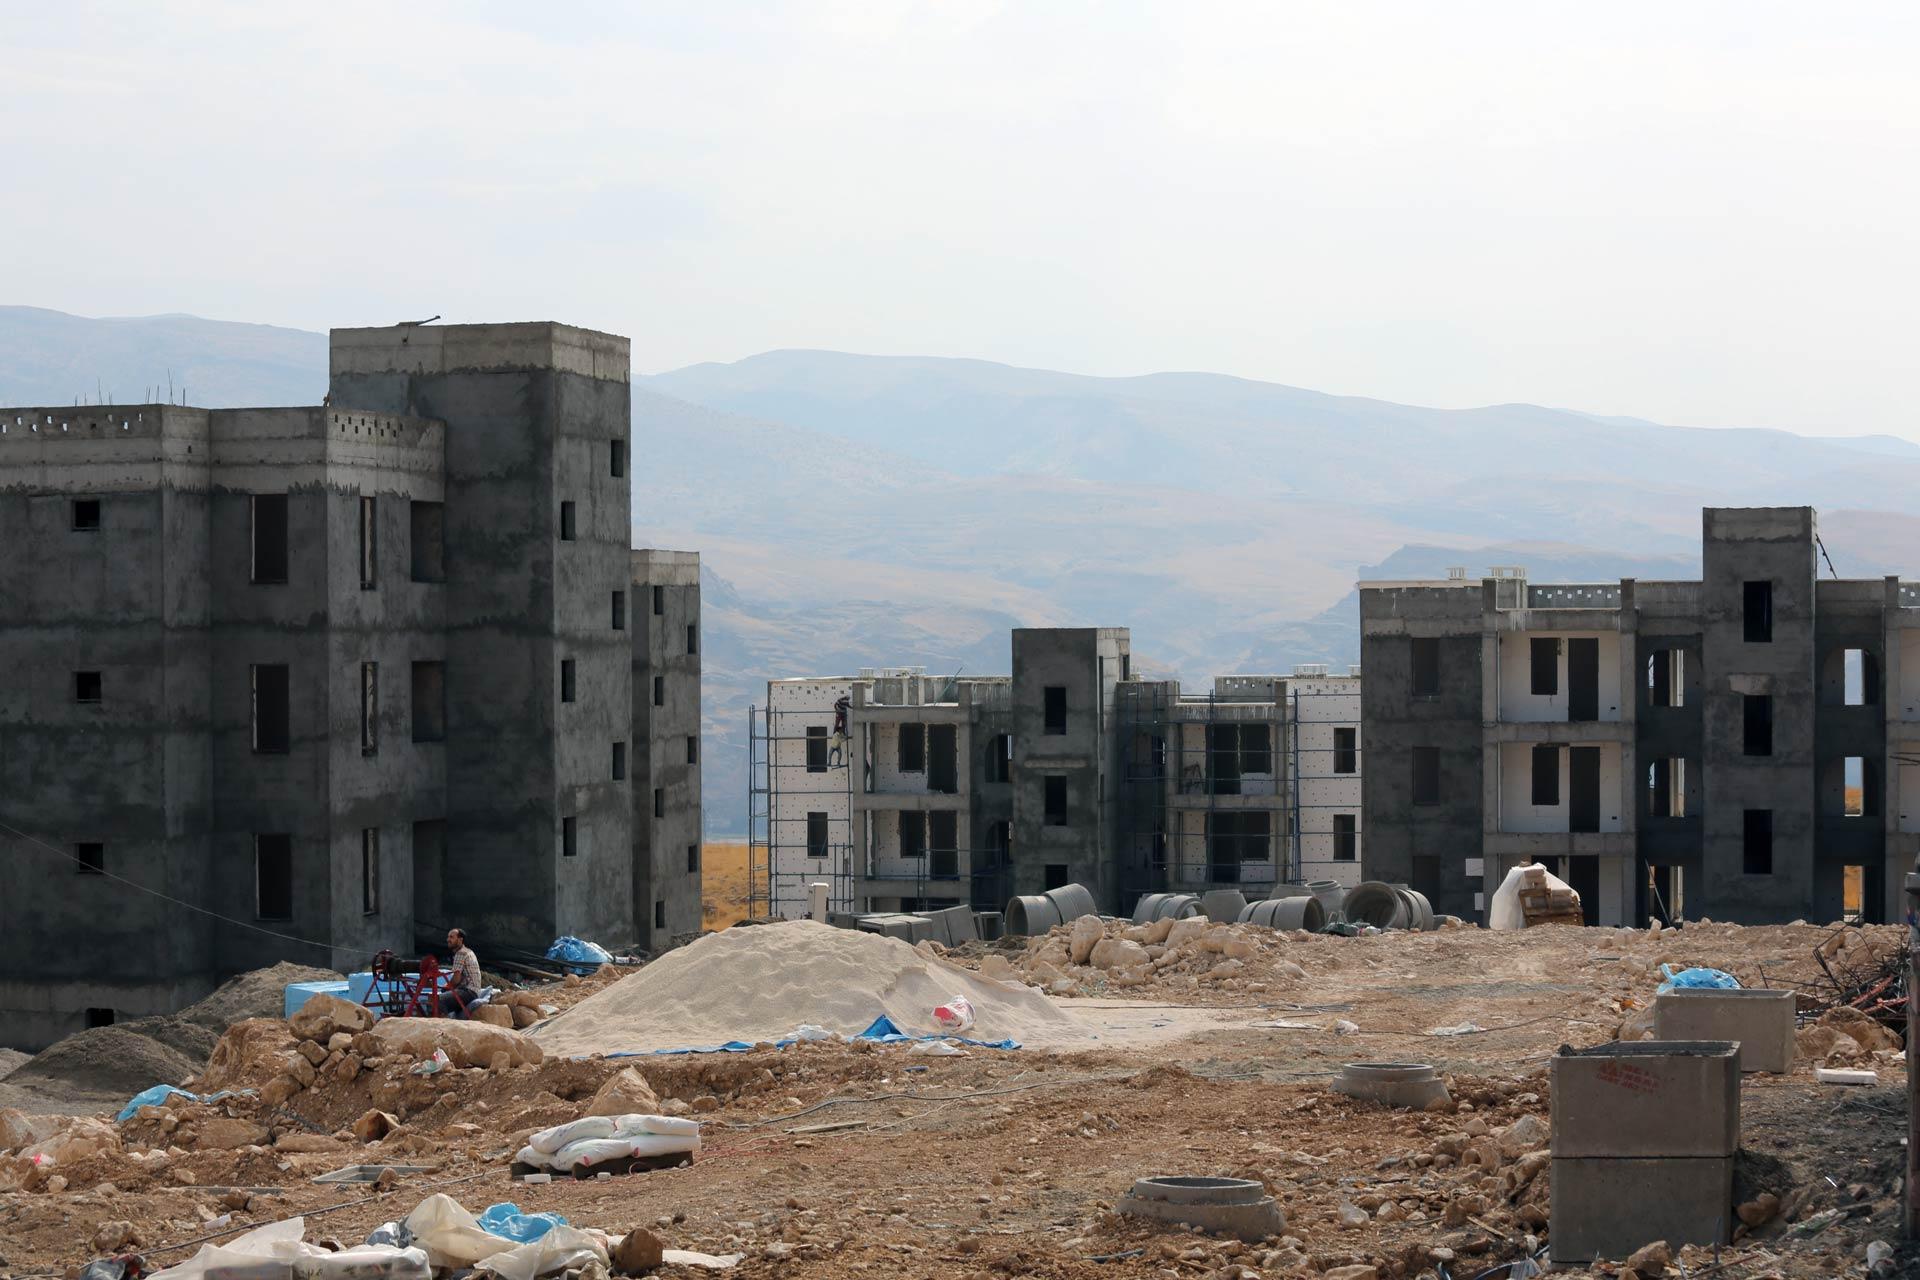 Die zukünftigen Wohnhäuser von Yeni-Hasankeyf, im November 2015 noch im Bau.